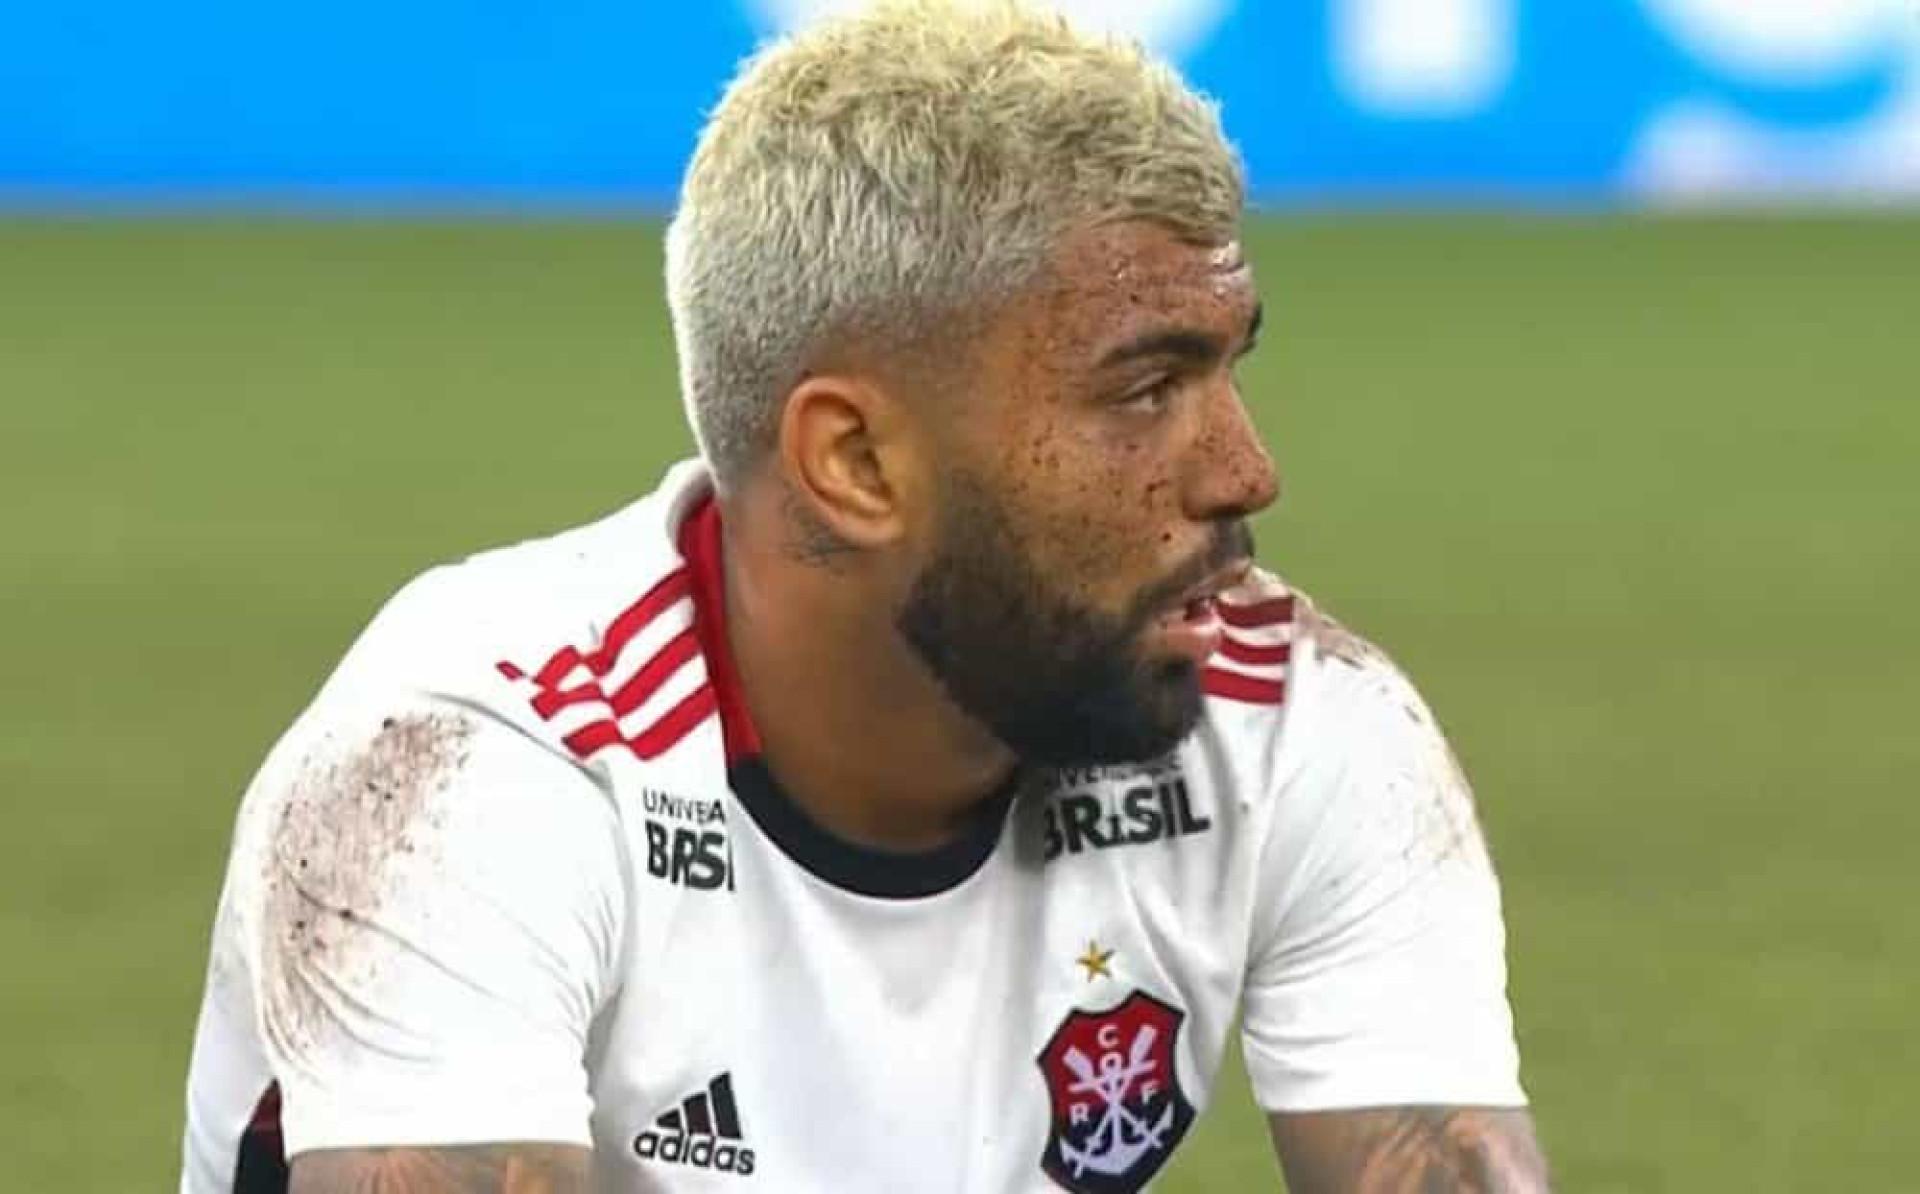 Até os adeptos do Flamengo desesperaram com esta simulação de Gabigol